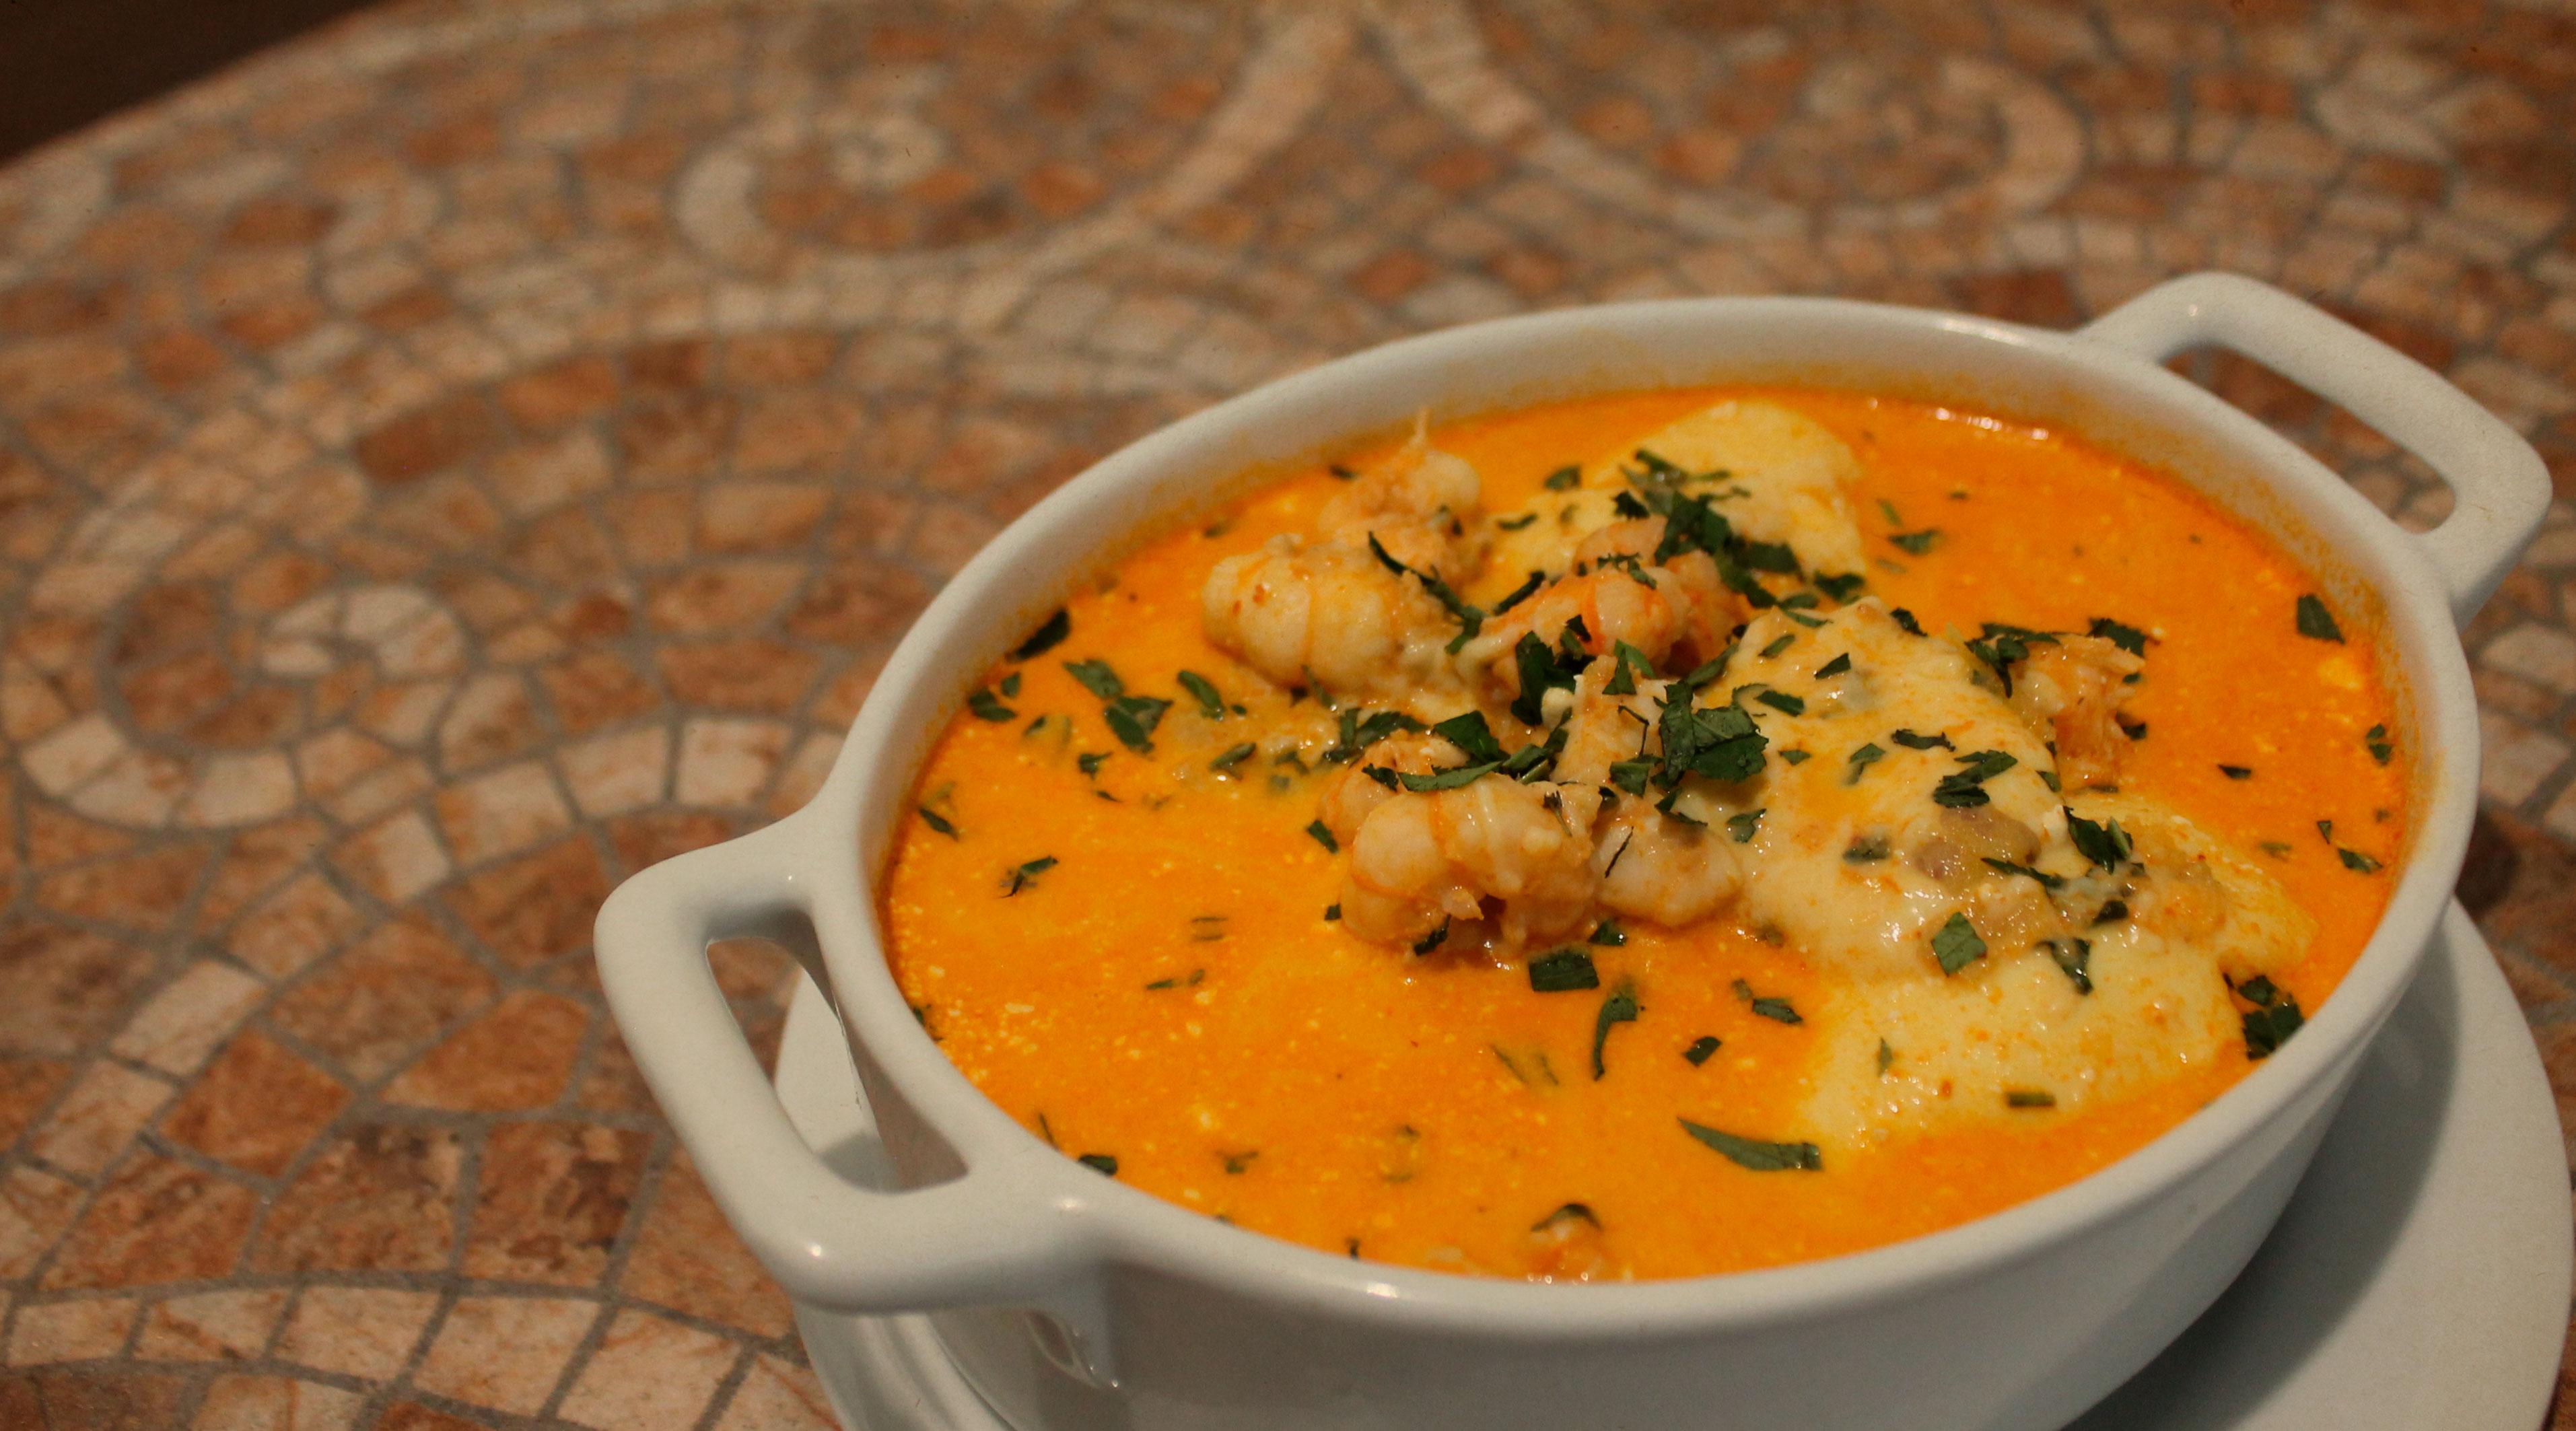 cauche-de-camarones-arequipa-restaurante-comida-arequipena